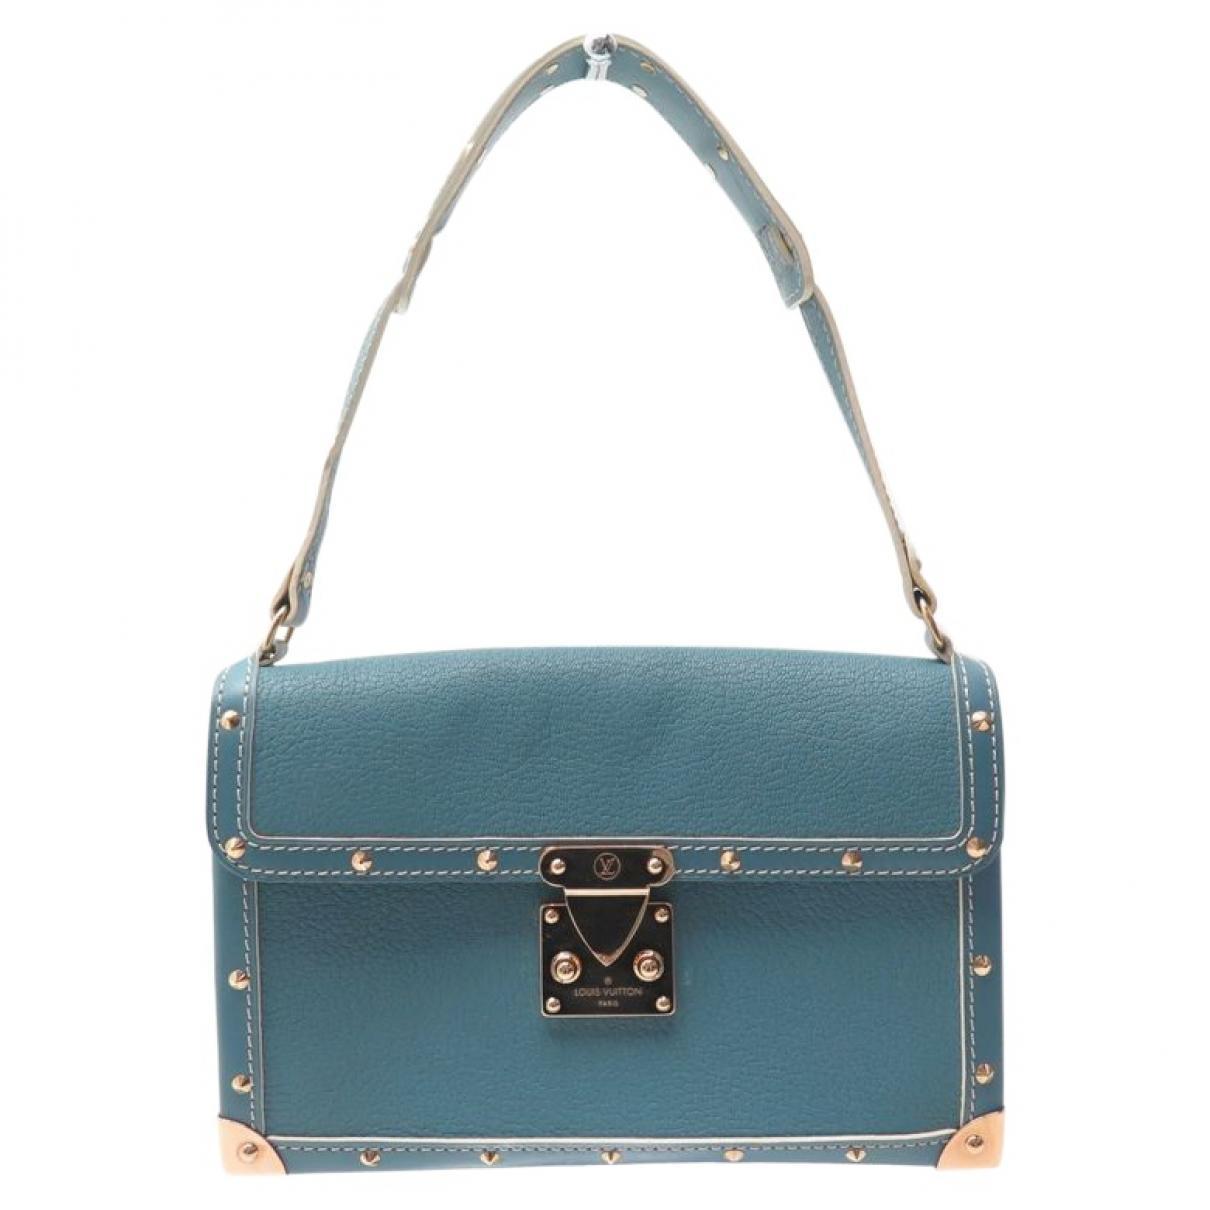 72bf9fc8cc3b Lyst - Sac à main Le Talentueux en cuir Louis Vuitton en coloris Bleu